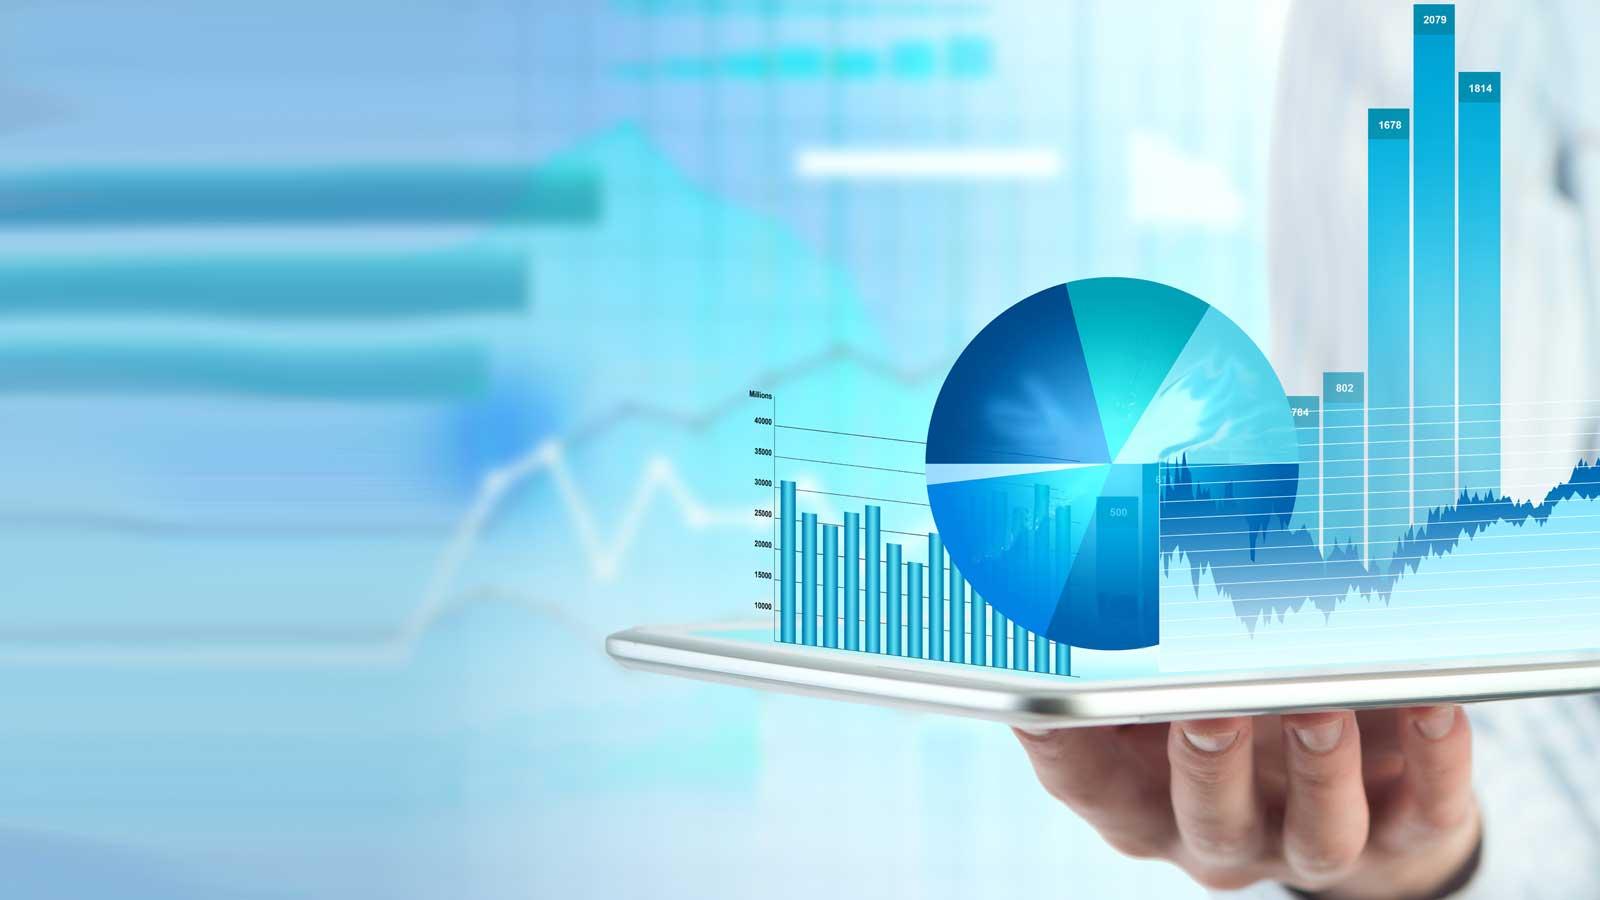 image for Conocimientos en Marketing, Finanzas, Sostenibilidad y Agilidad